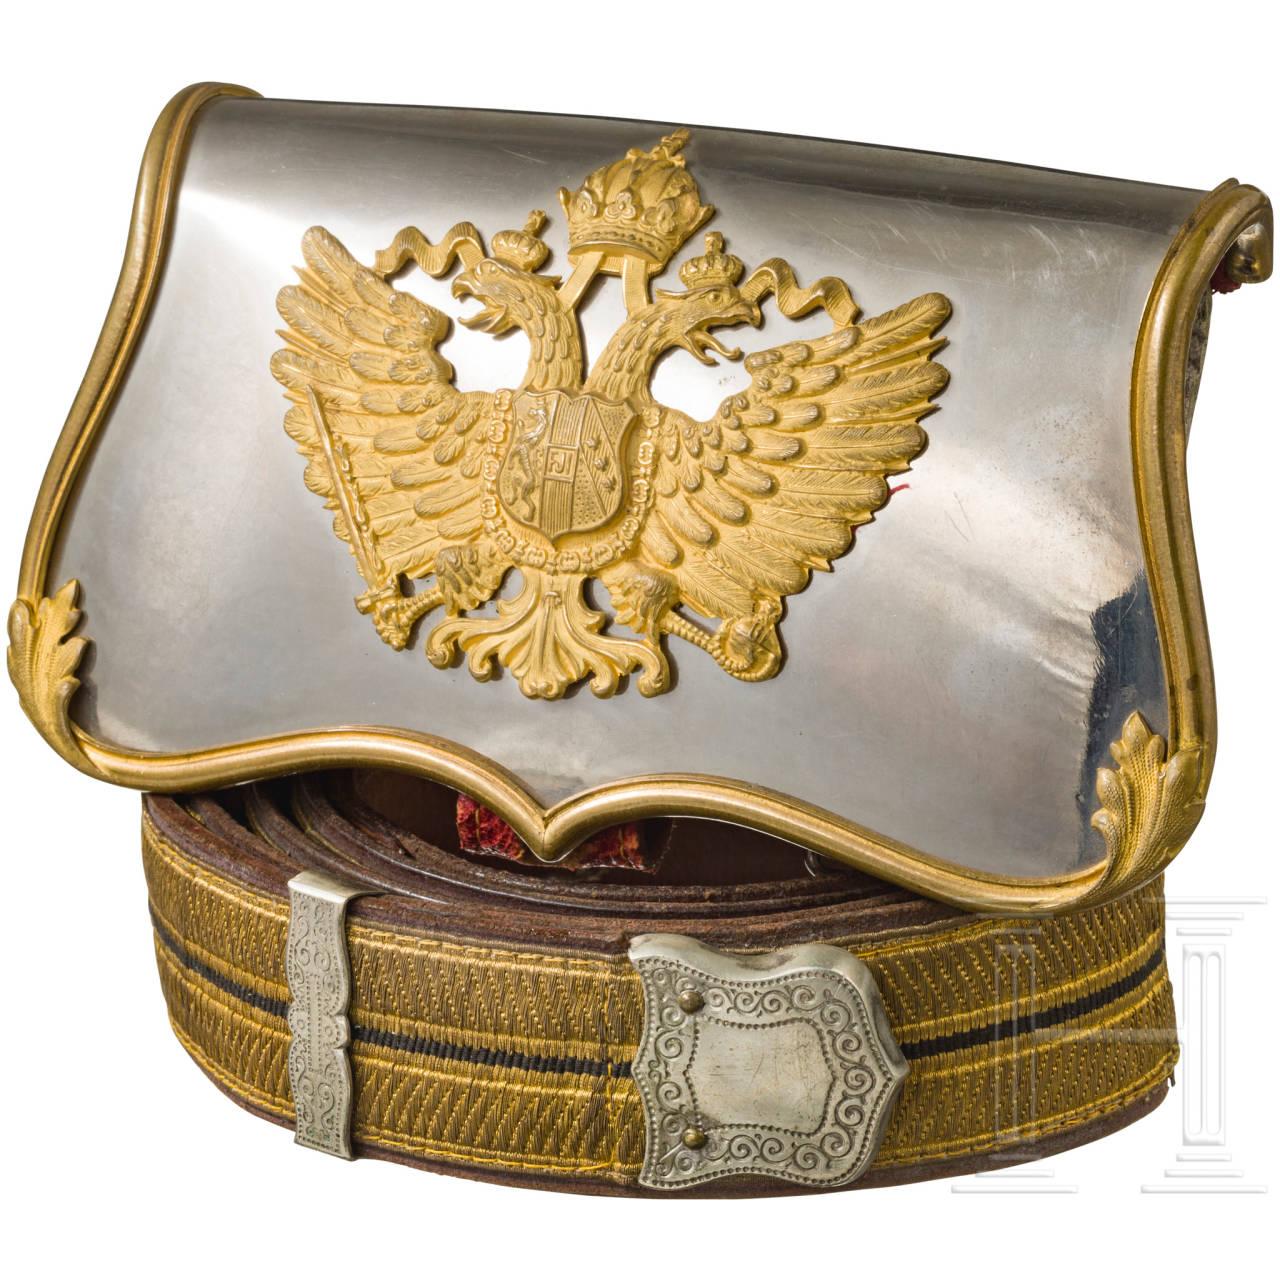 Kartuschkasten für Offiziere der Kavallerie mit Bandelier, Österreich